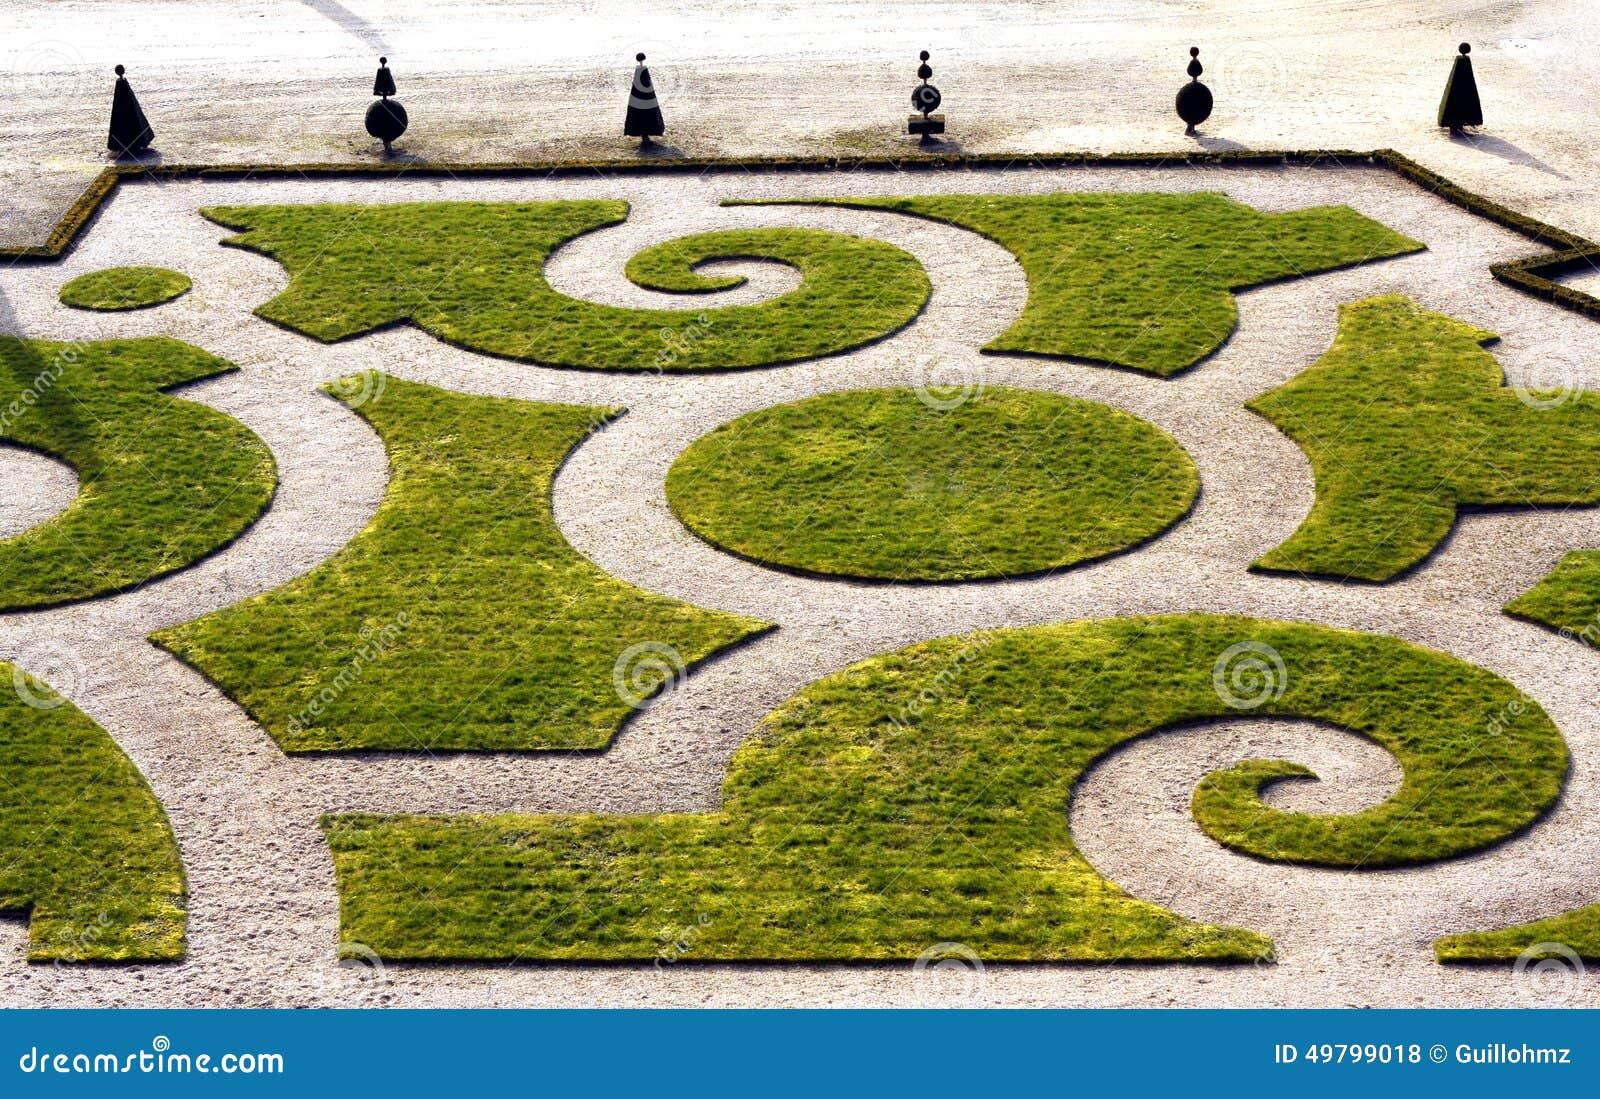 επίσημος γαλλικός κήπος